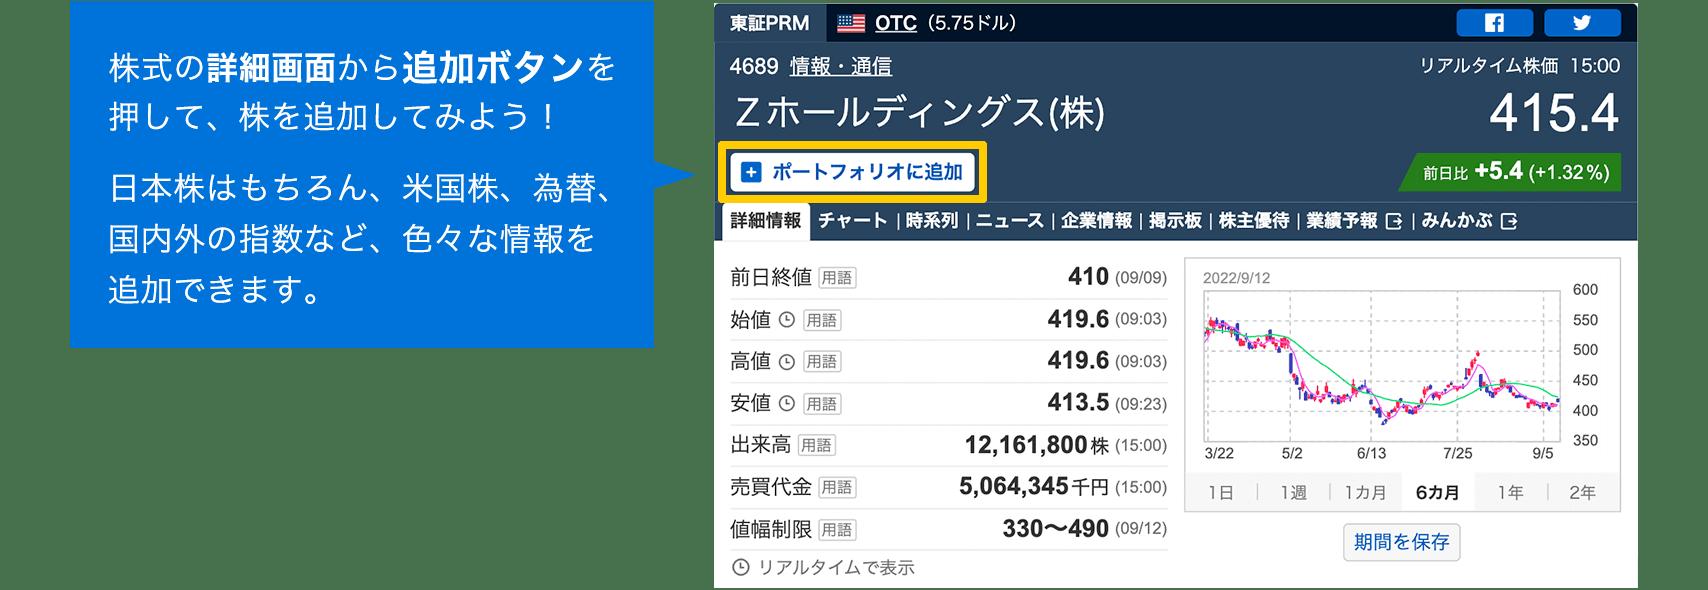 株式の詳細画面から追加ボタンを押して、株を追加してみよう!日本株はもちろん、米国株、為替、国内外の指数など、色々な情報を追加できます。